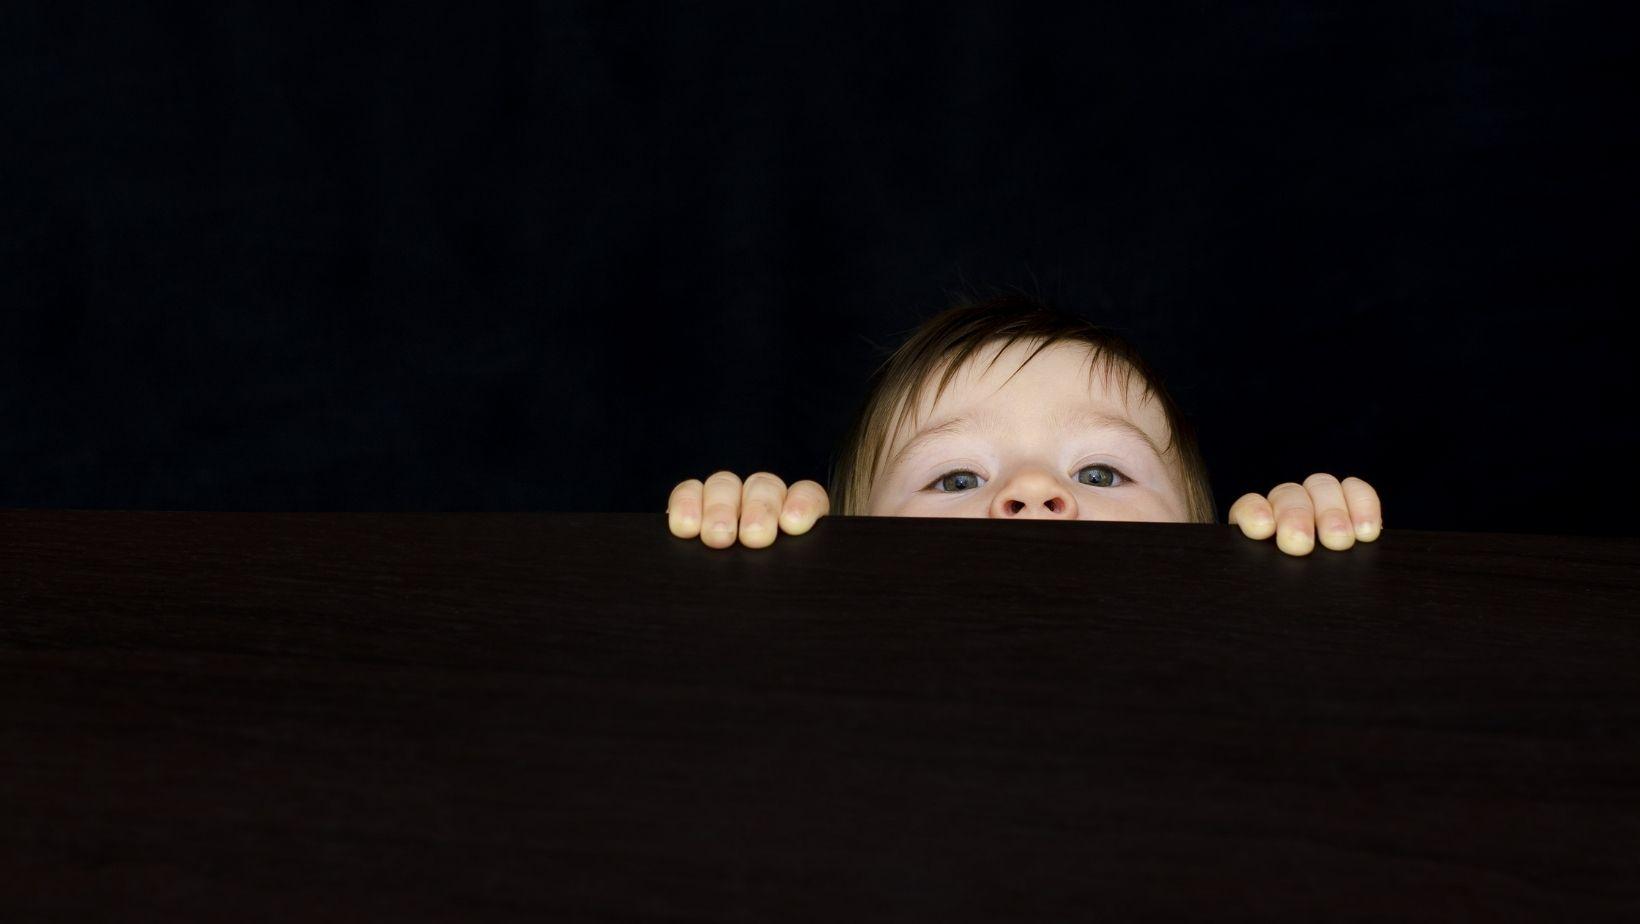 η ντροπη και τα παιδια